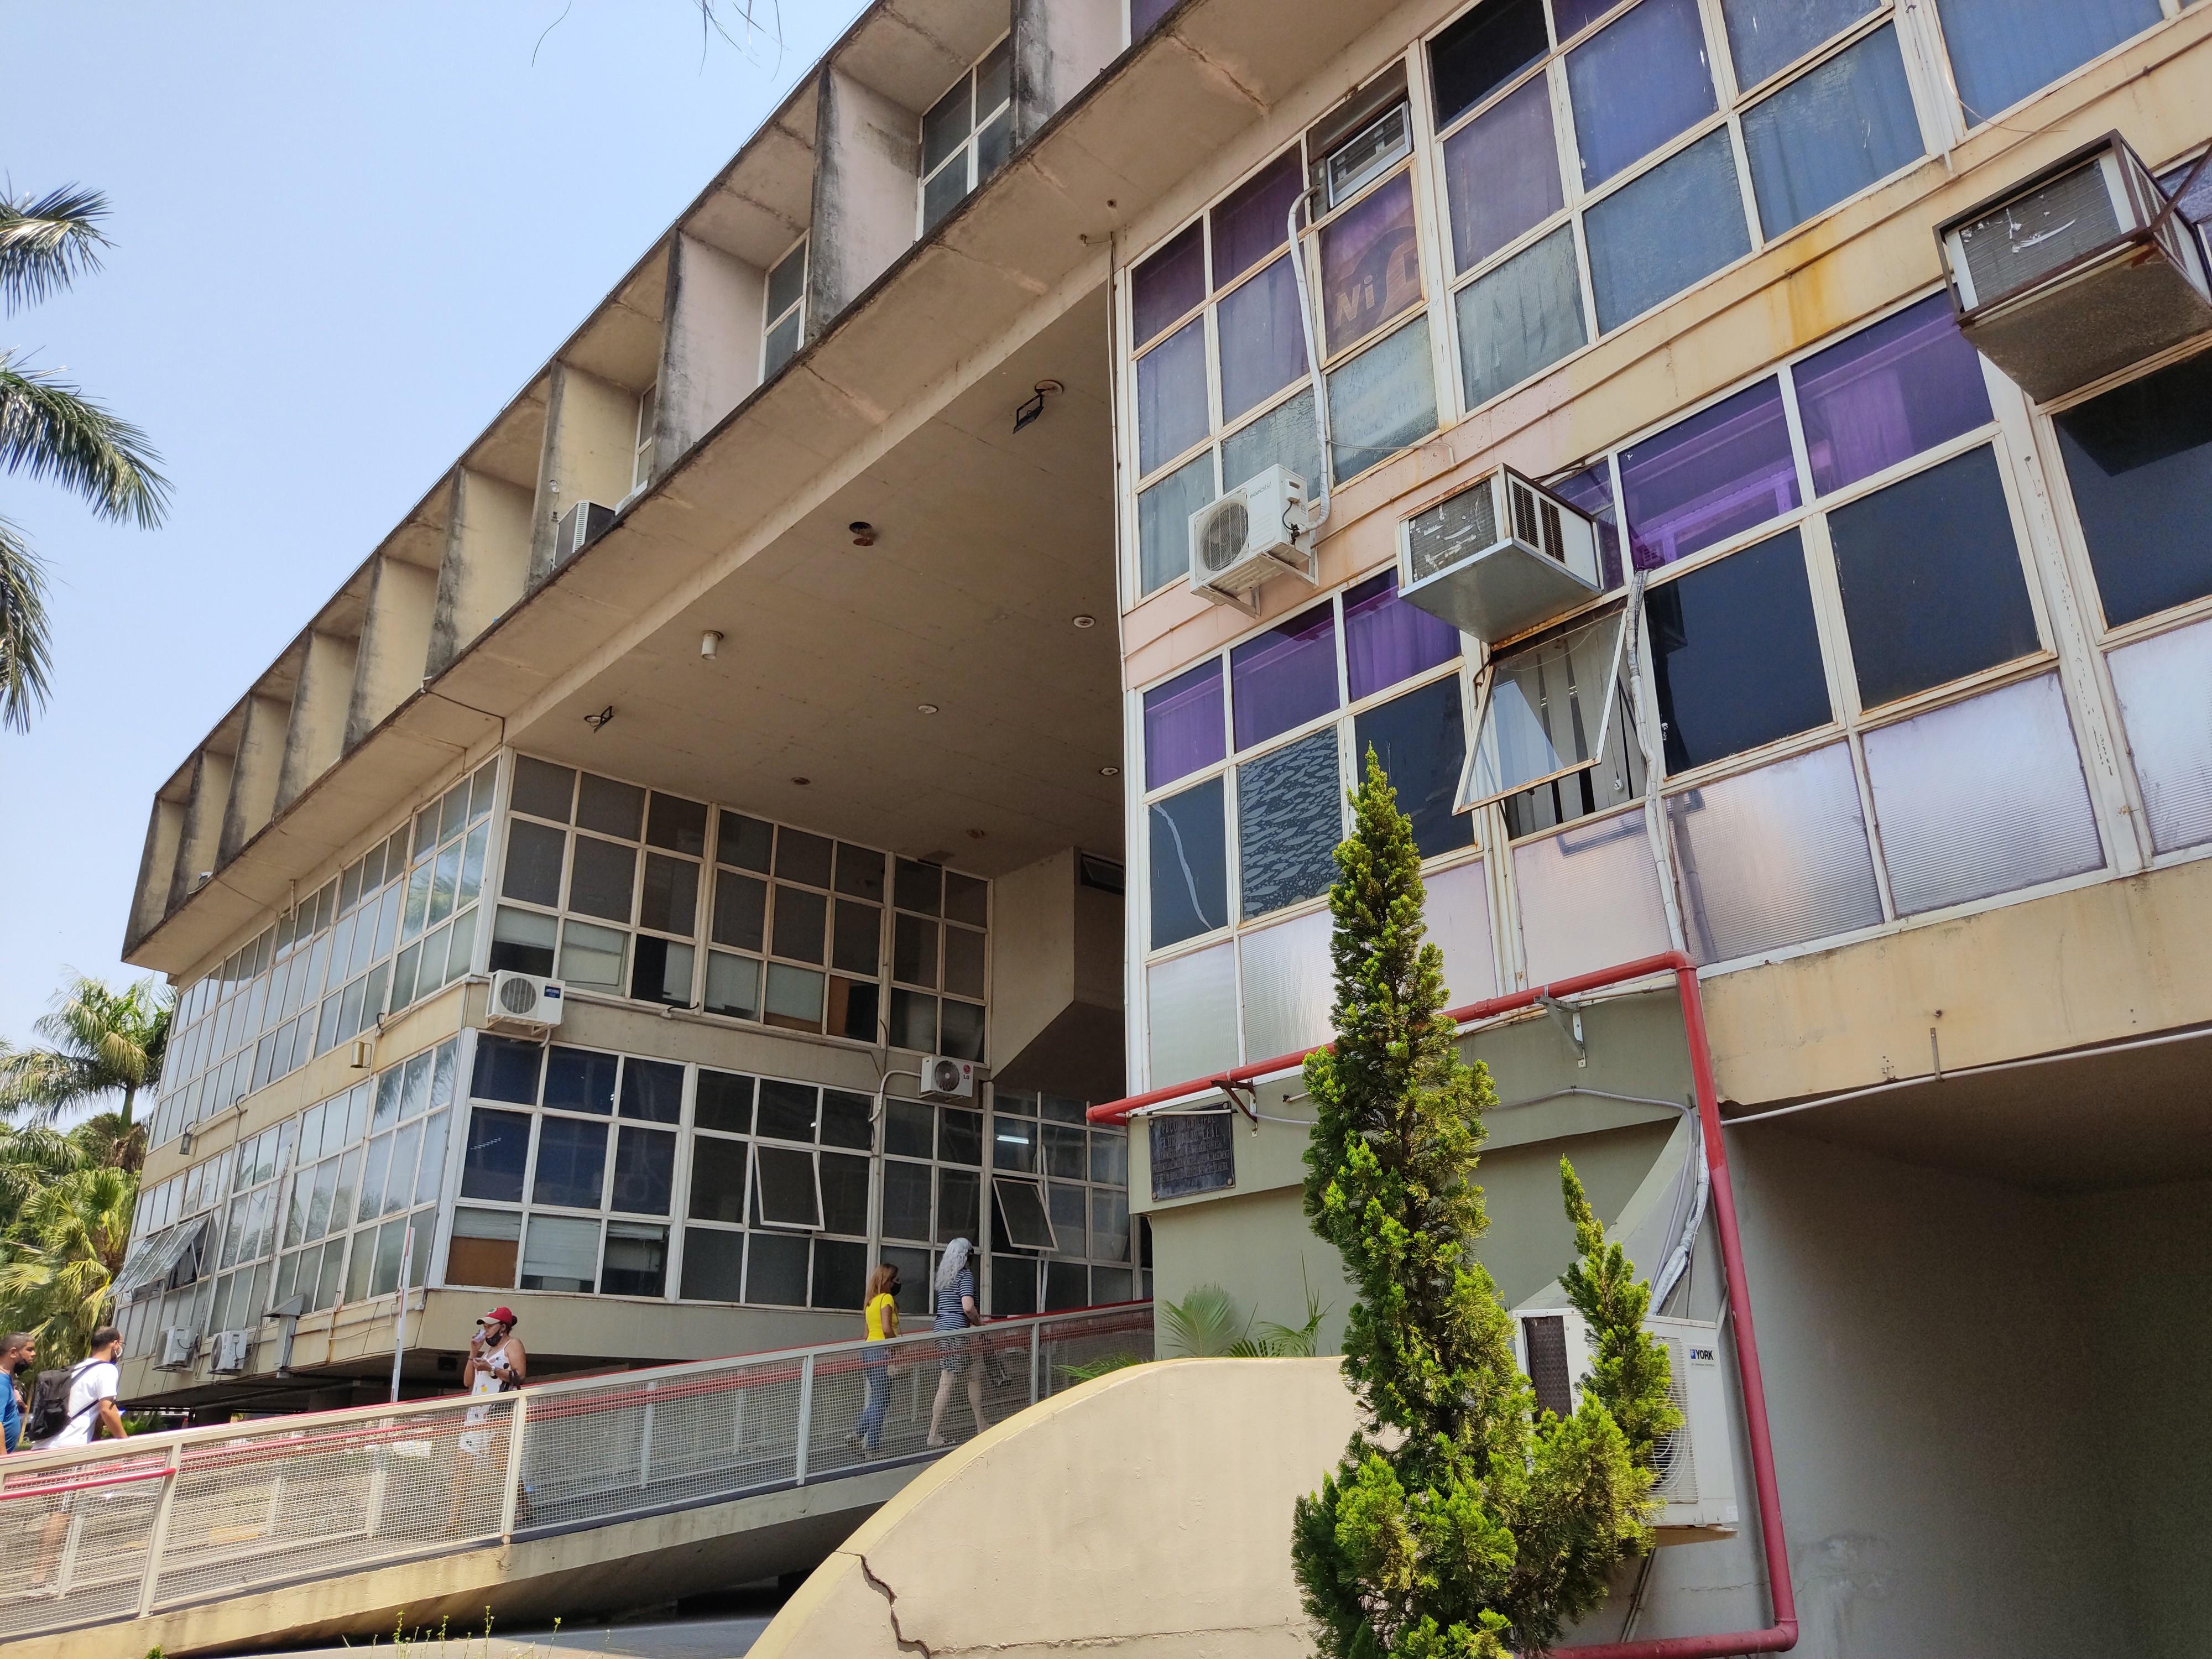 Decreto suspende a realização de trabalho remoto por servidores municipais de Presidente Prudente